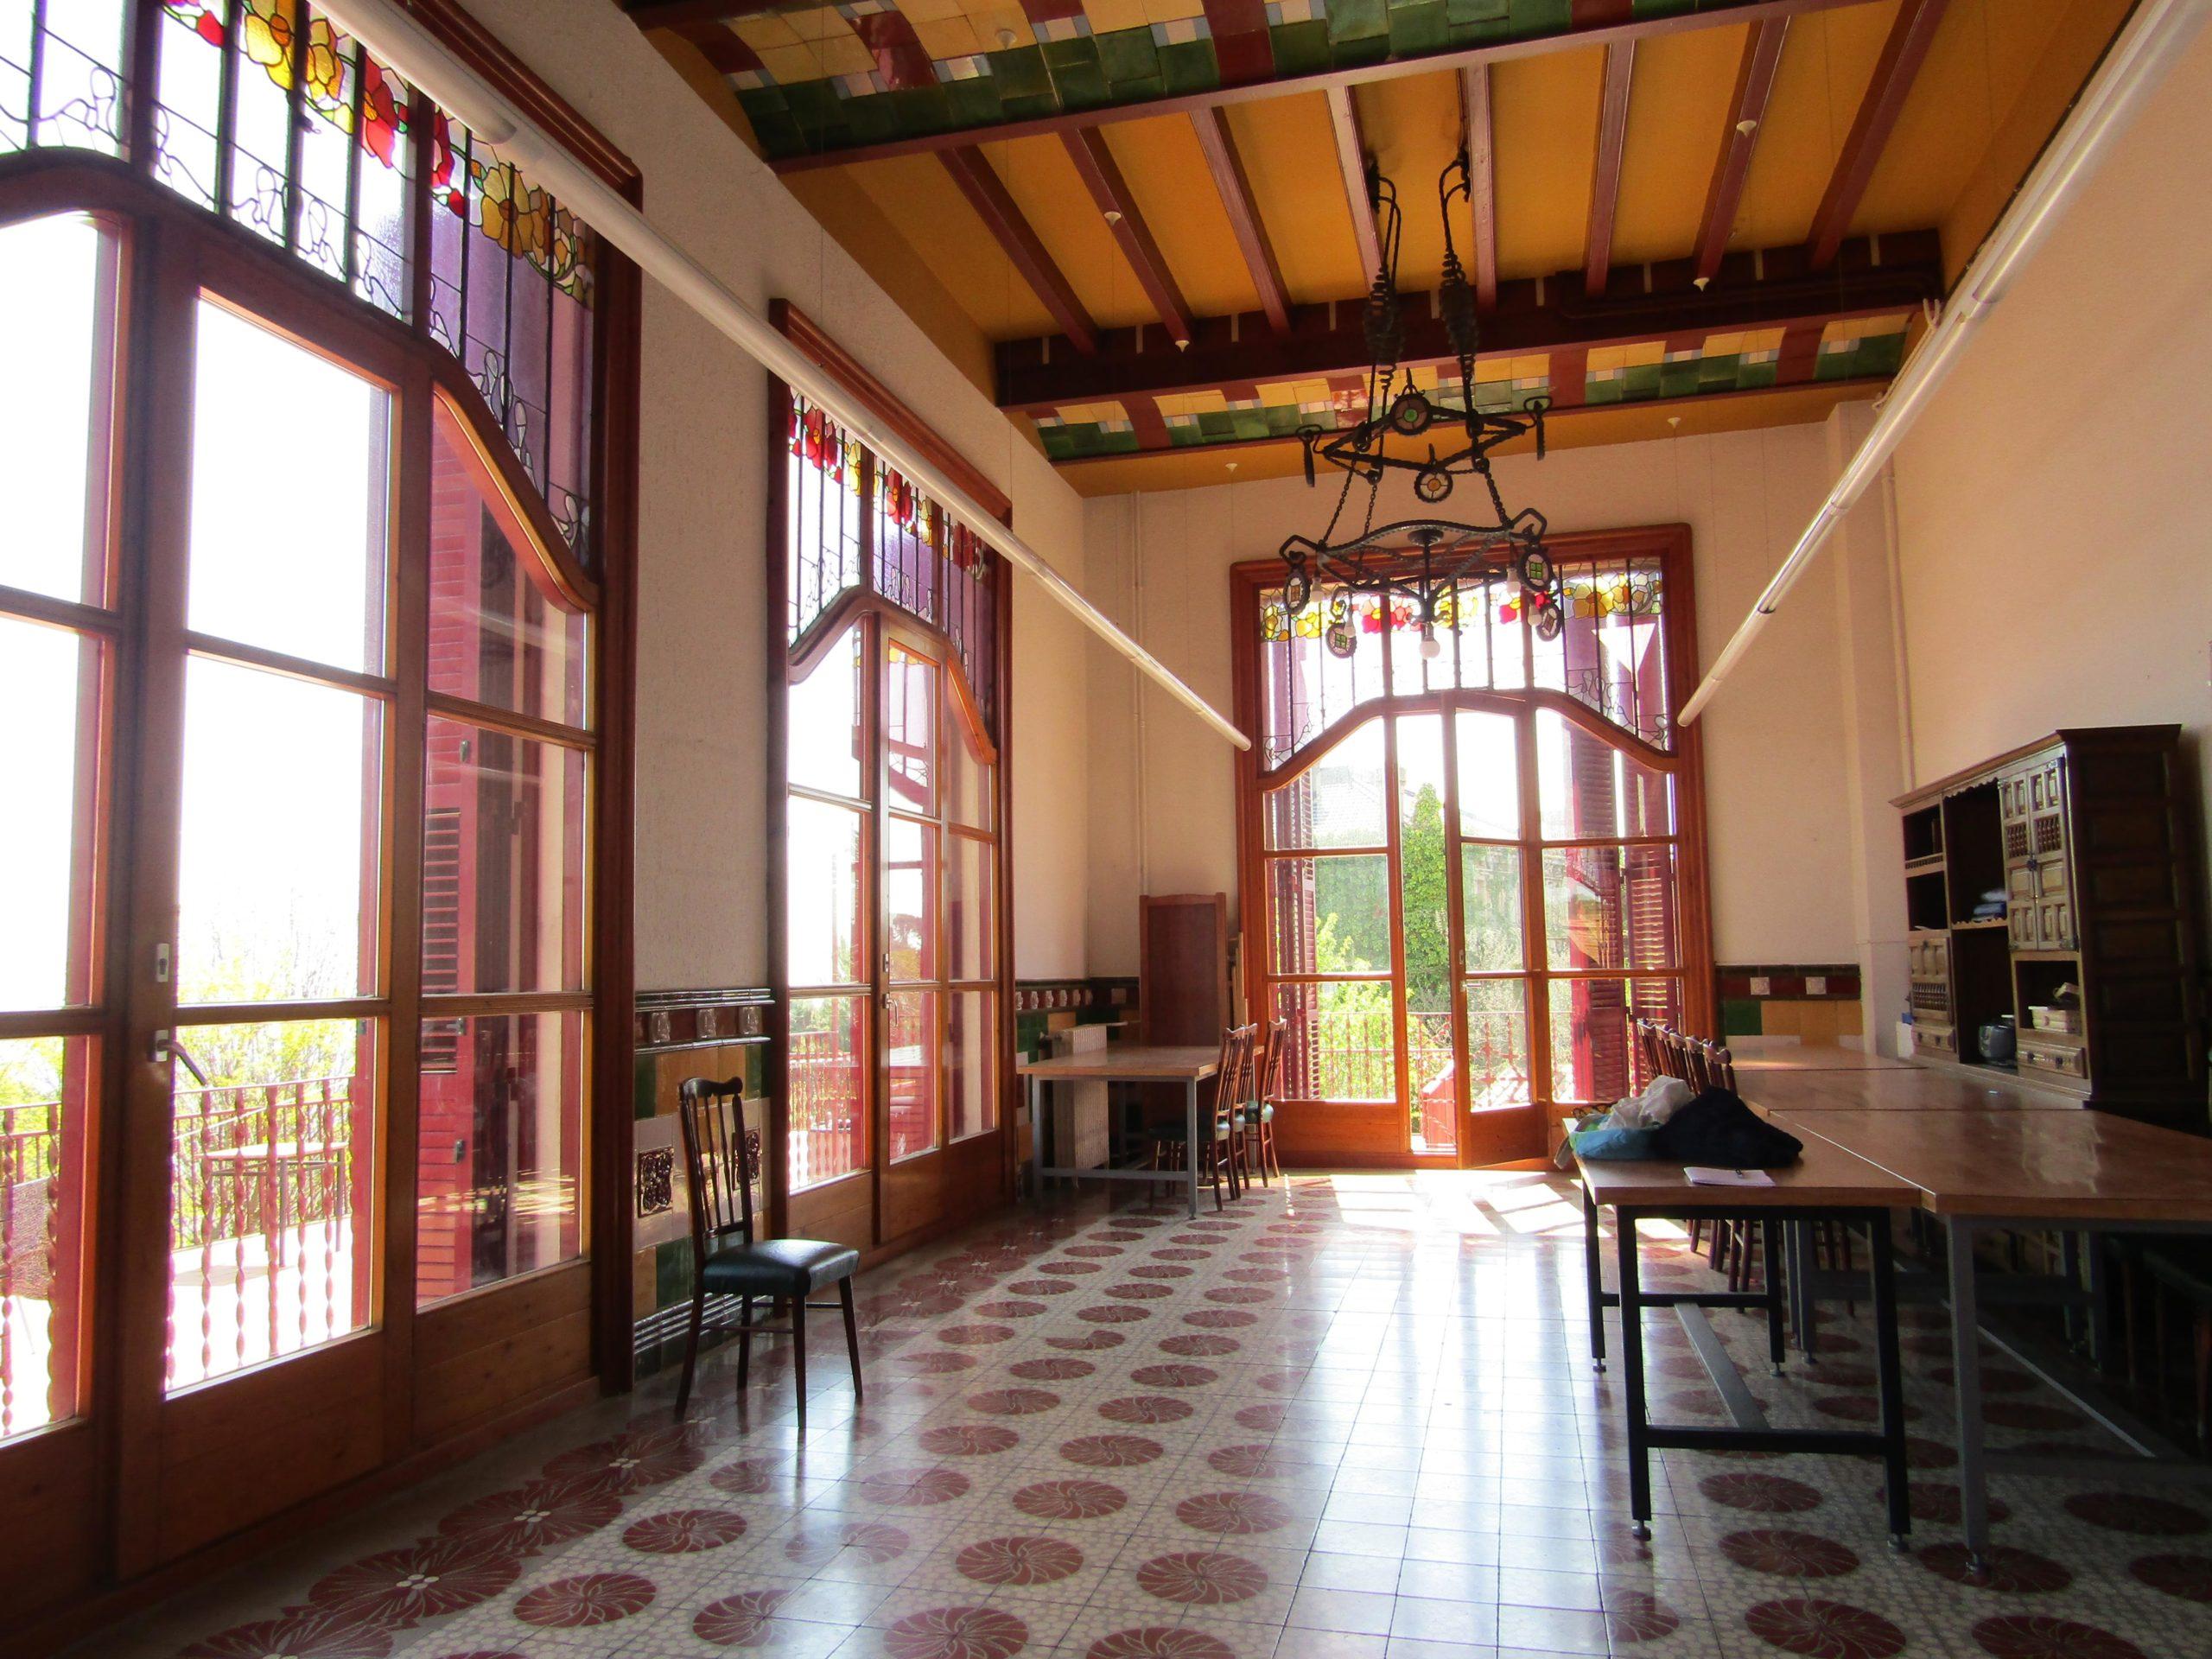 Sala noble de l'antic hotel Buenos Aires de Vallvidrera, en una imatge d'arxiu / Meritxell M. Pauné